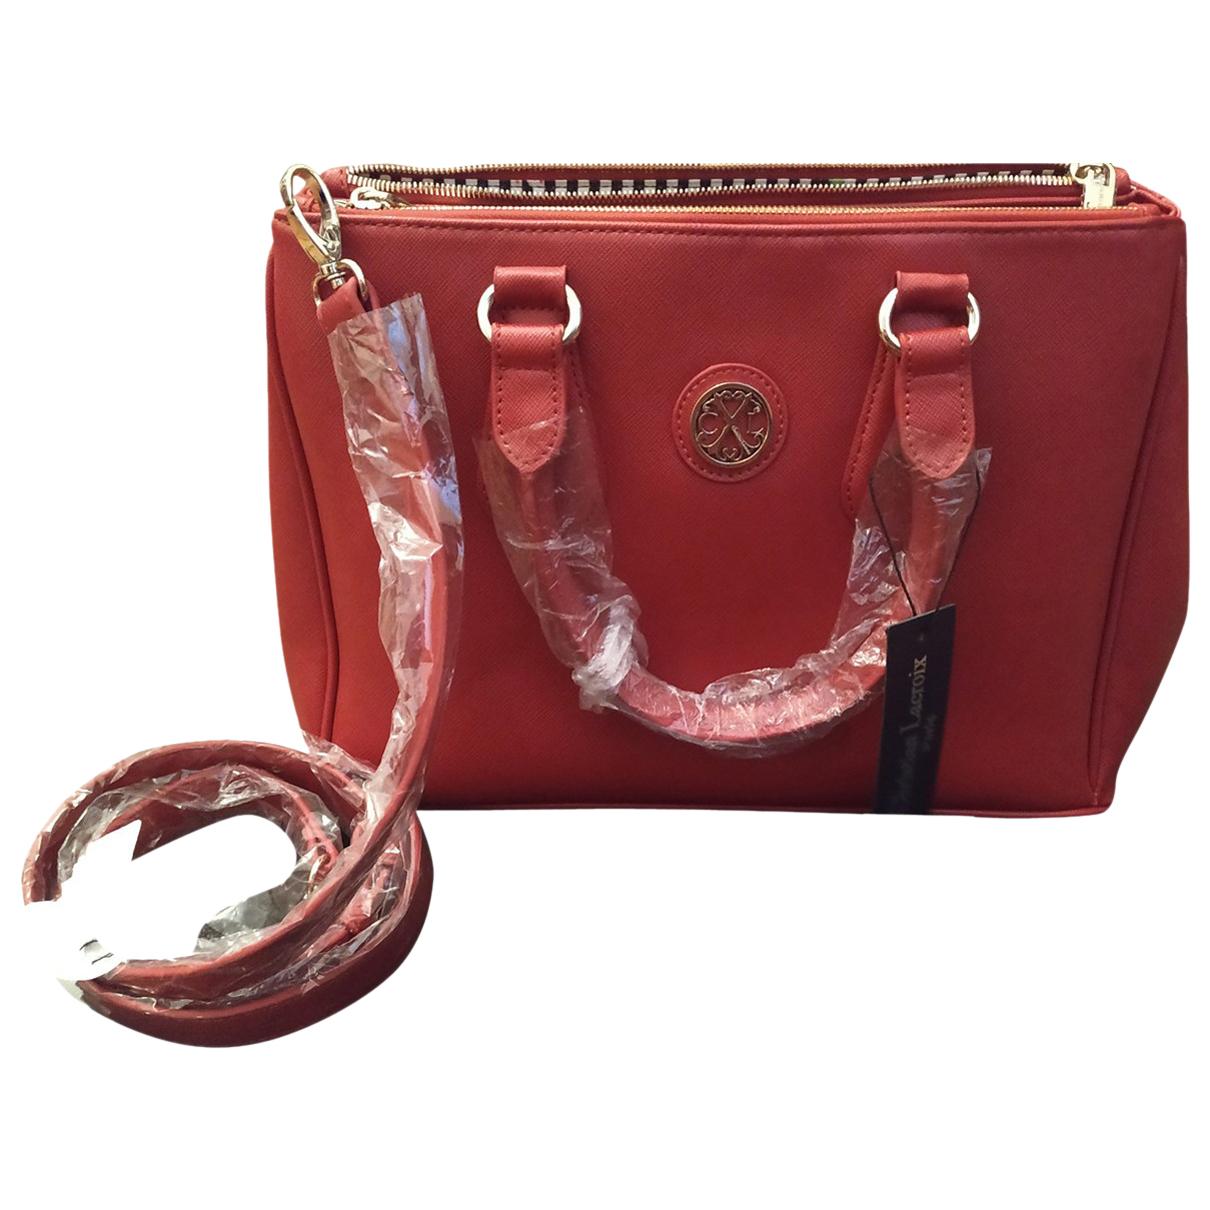 Christian Lacroix \N Red handbag for Women \N